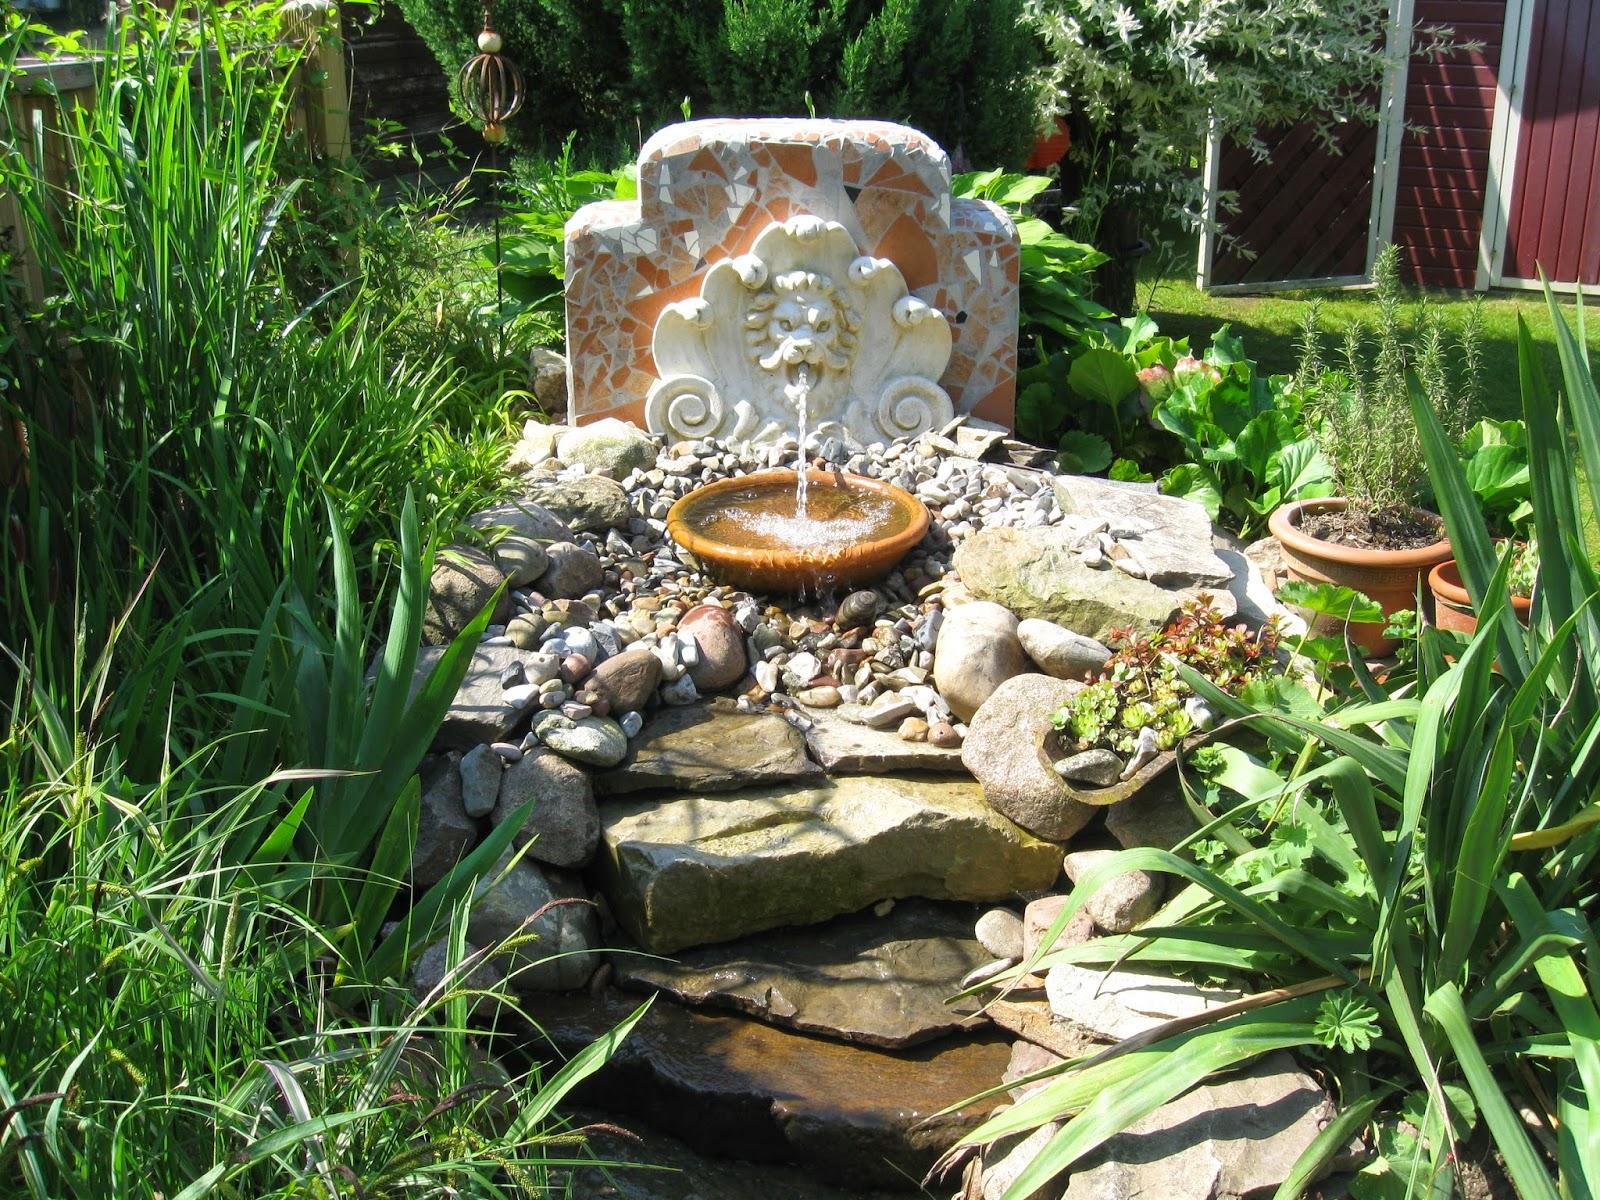 stadtlustgarten: teil iv projekt wasserspeier mit wasserfall, Hause und Garten